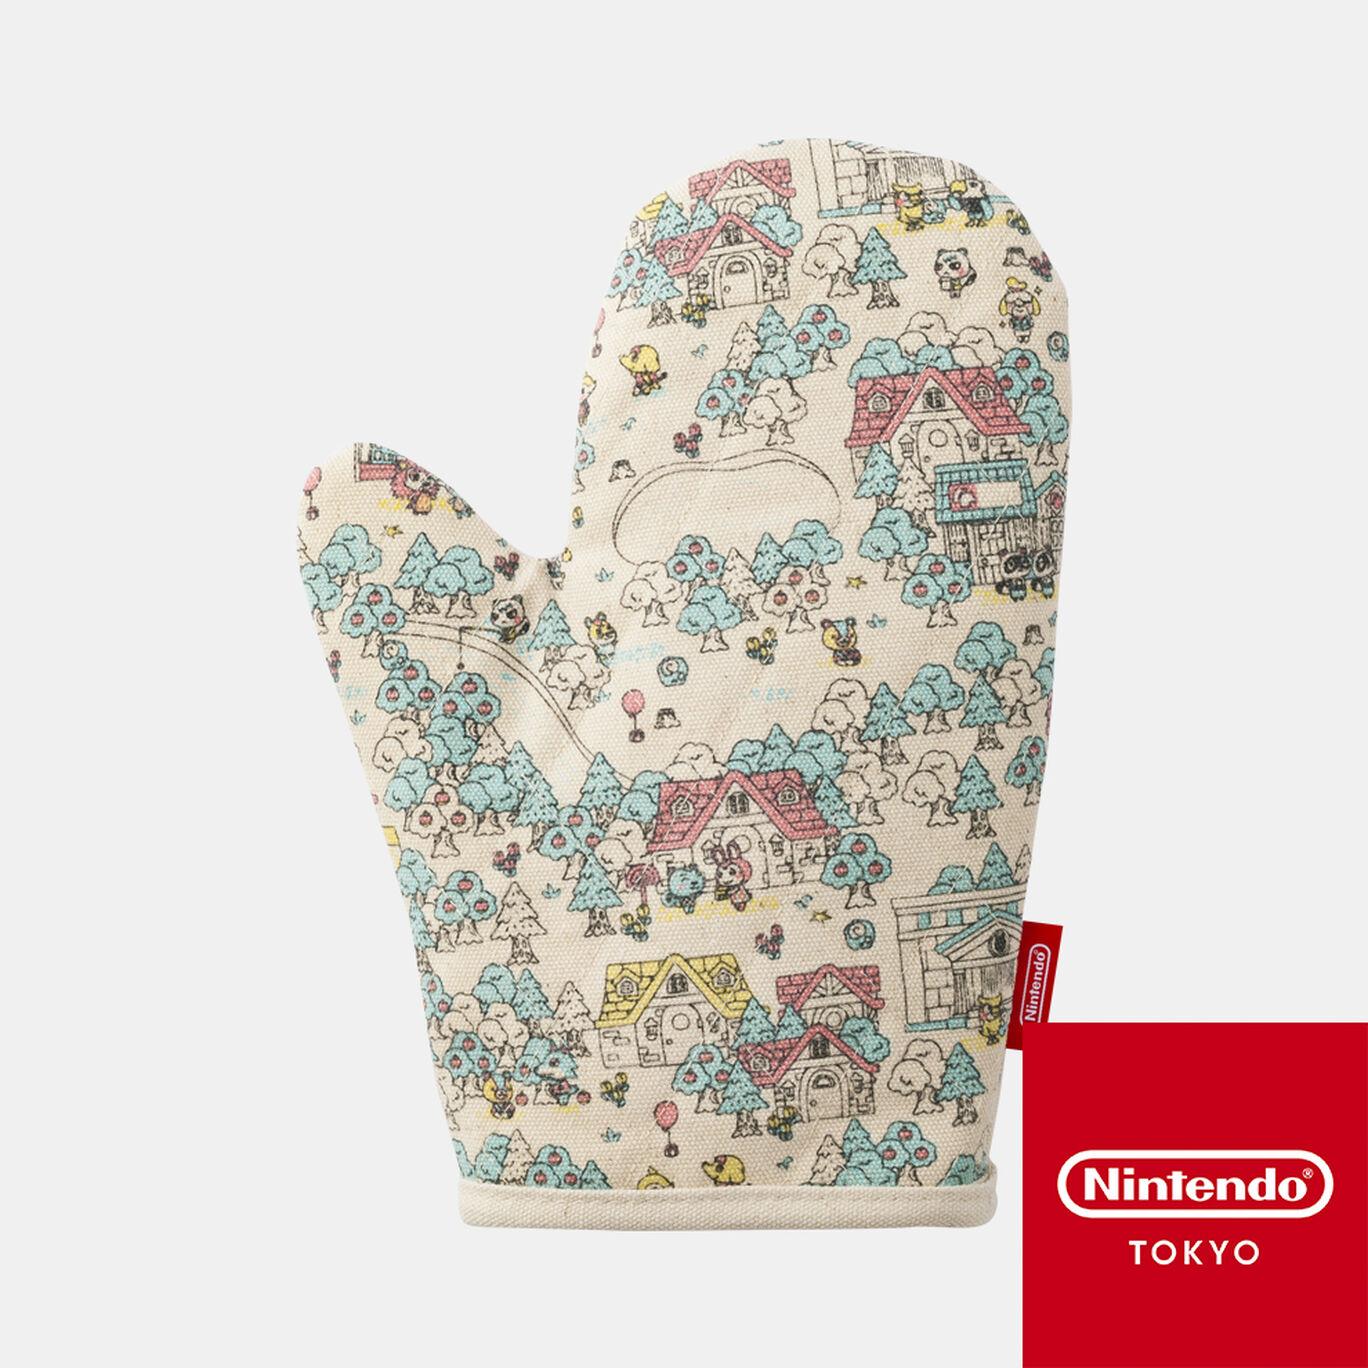 キッチンミトン どうぶつの森【Nintendo TOKYO取り扱い商品】